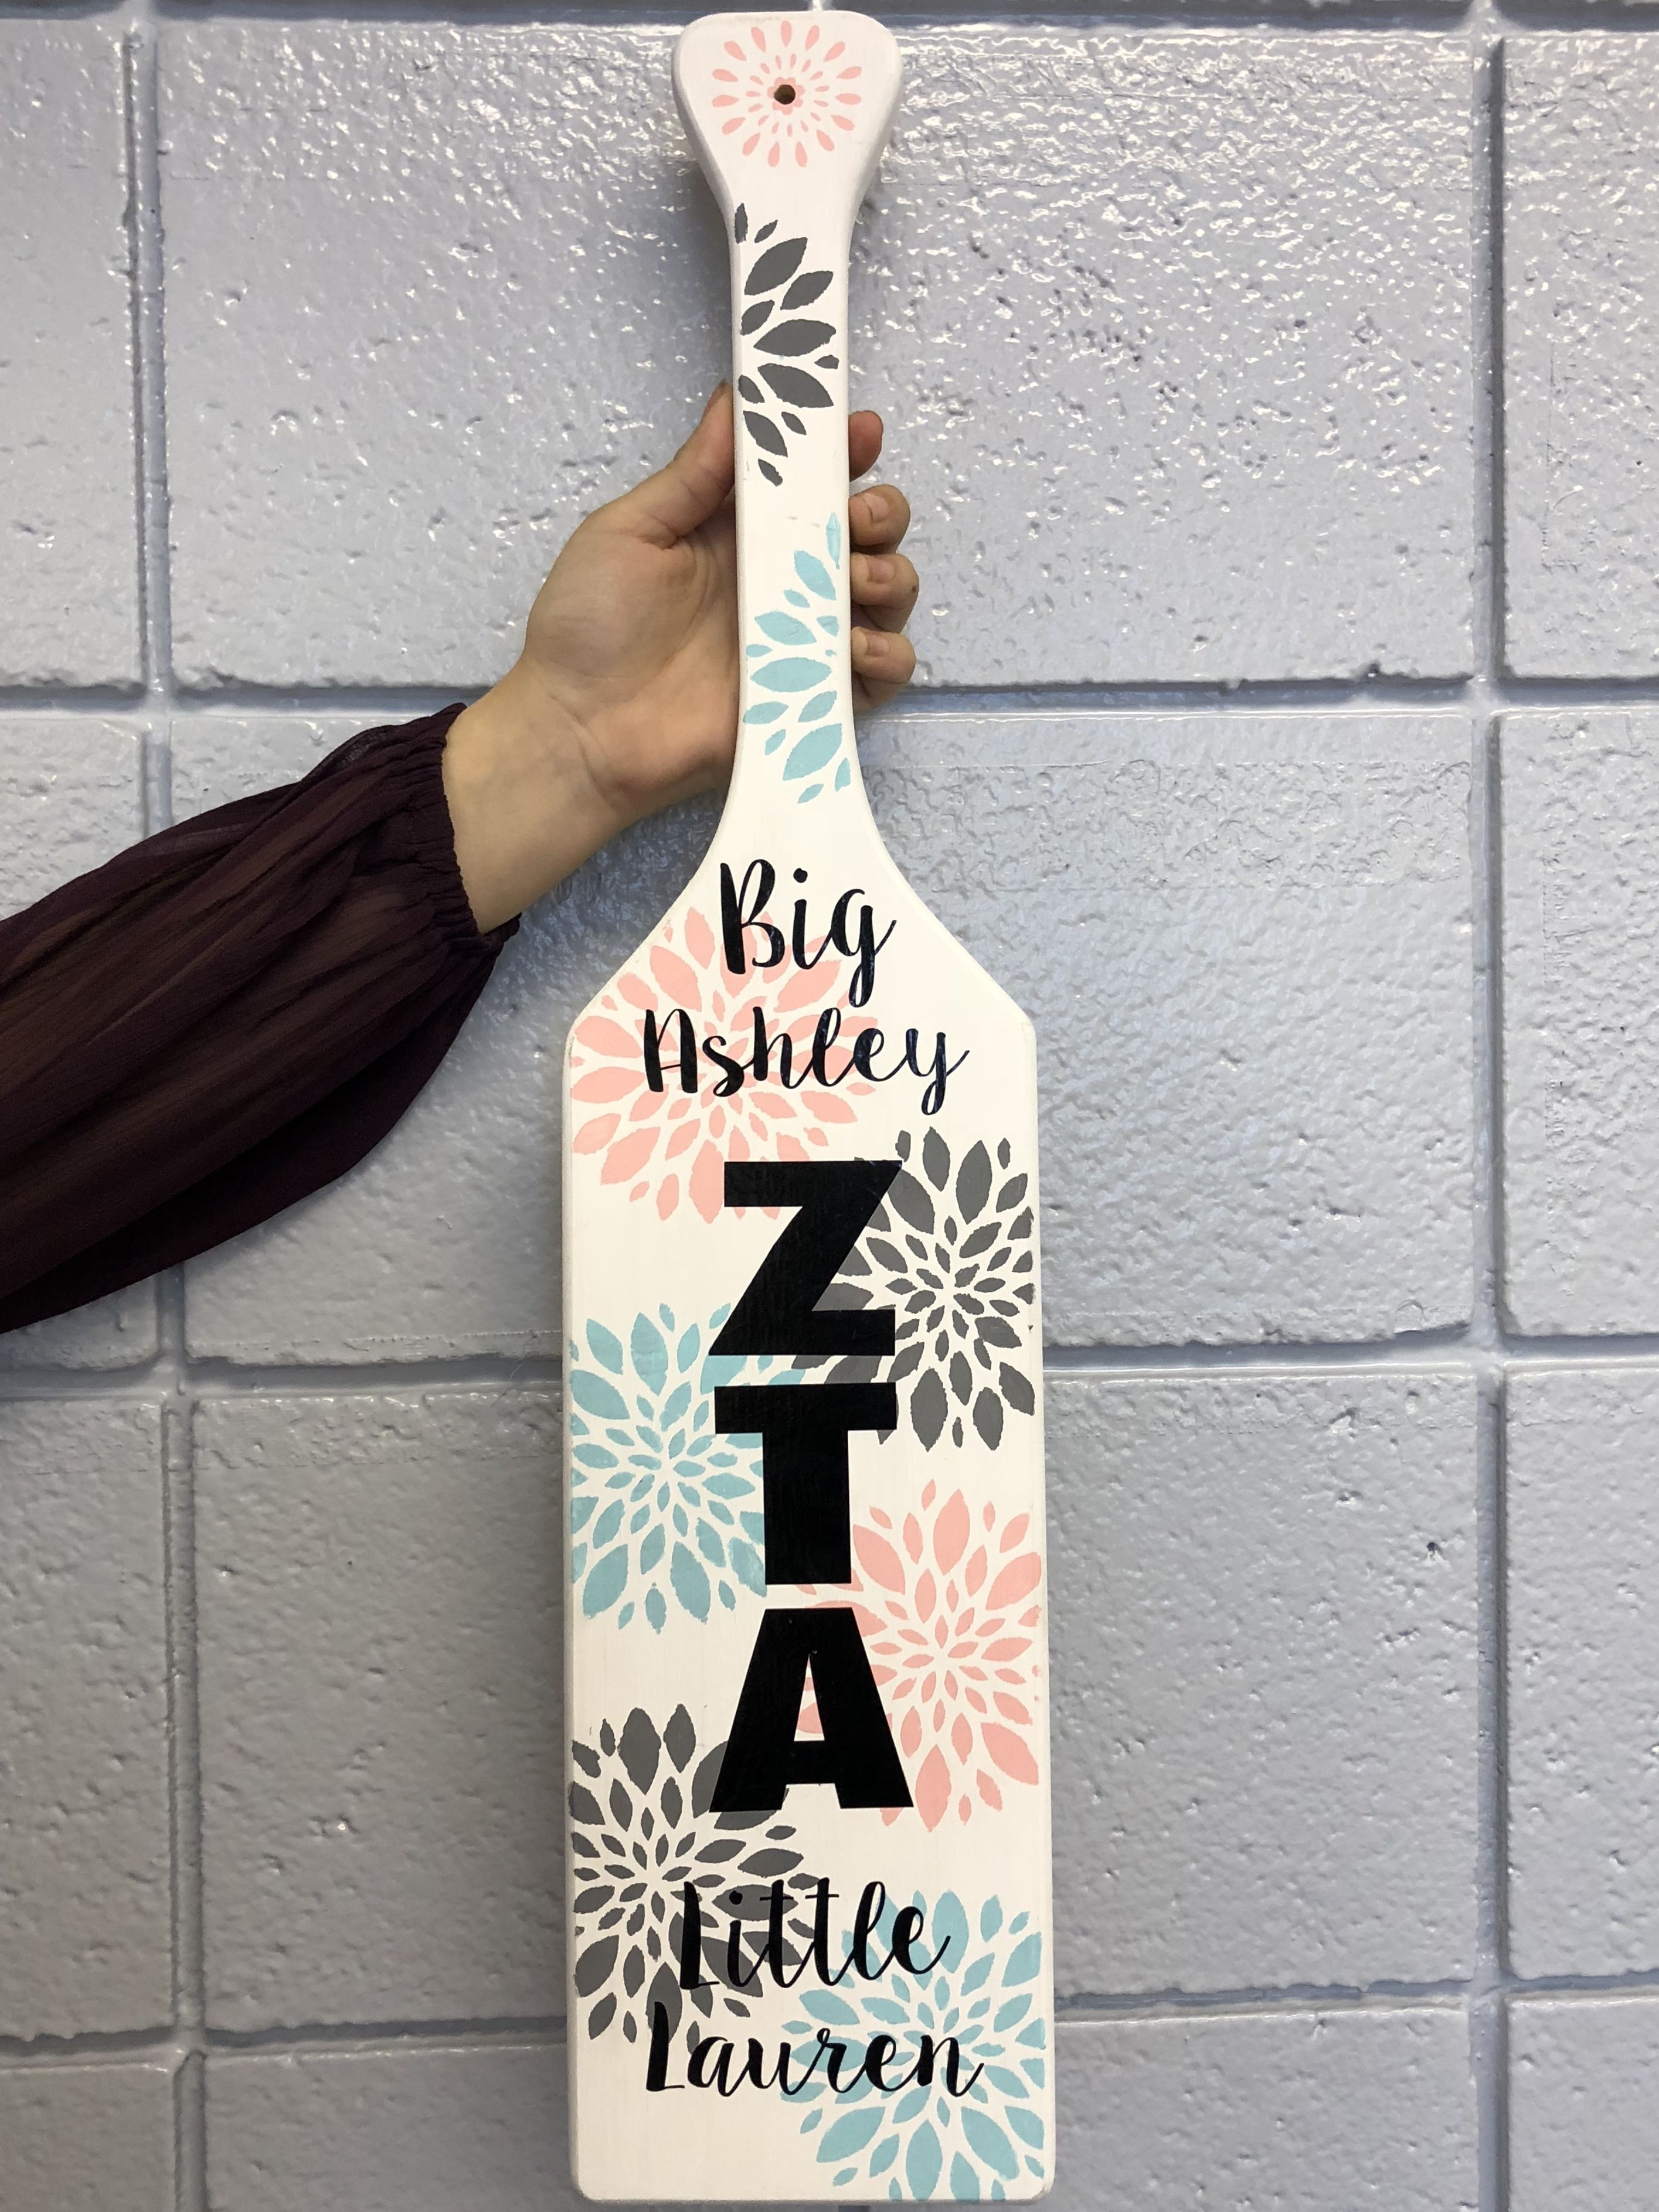 Big Little Paddle Zta Zeta Tau Alpha Sorority Sorority Little